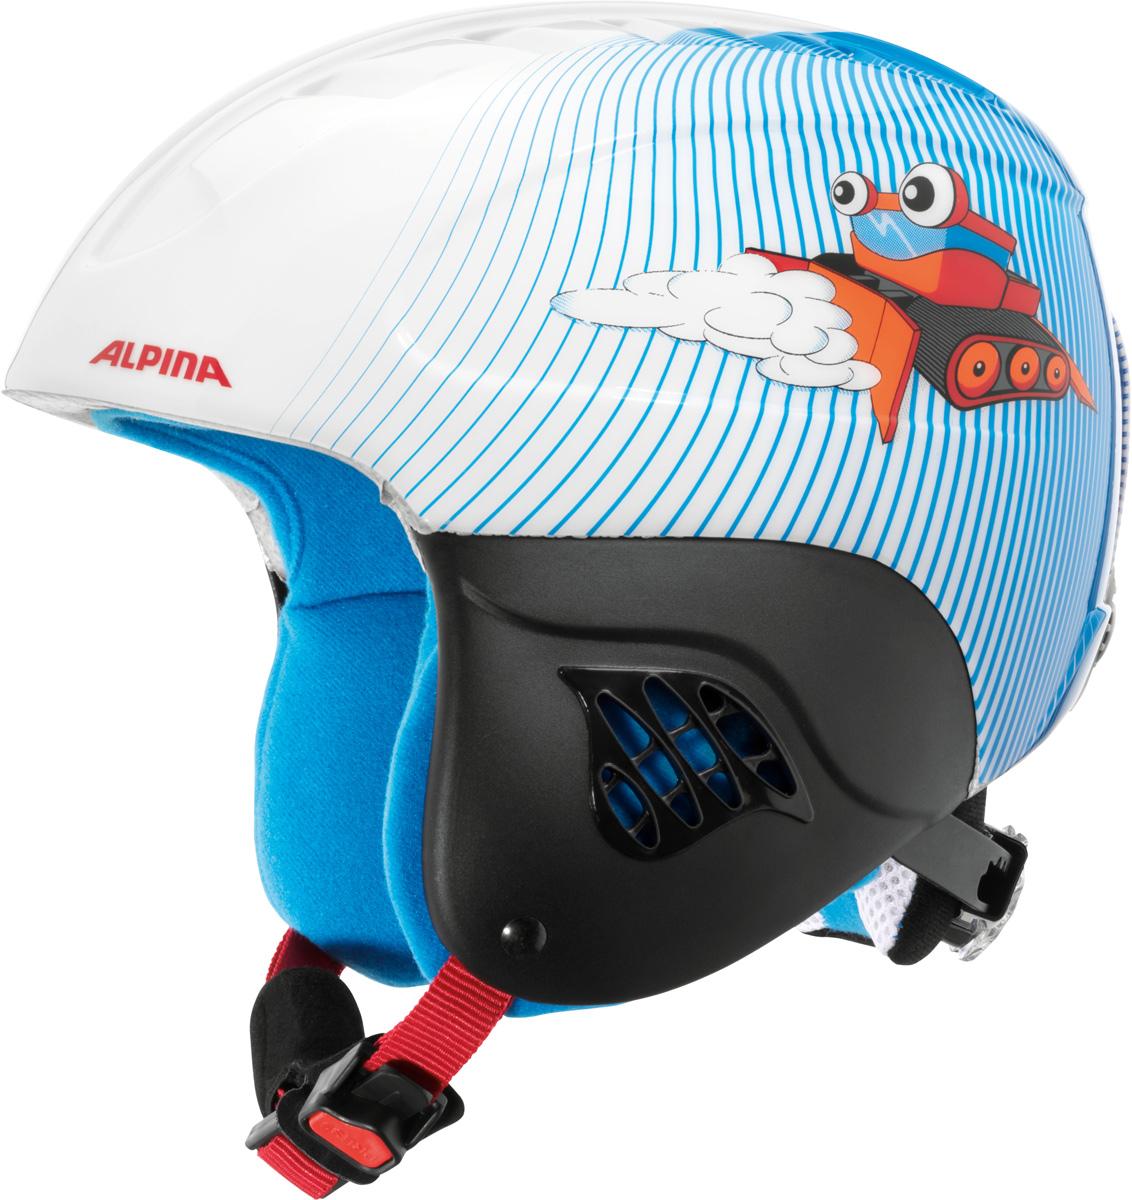 Шлем горнолыжный детский Alpina Carat, цвет: белый, голубой. A9035_88. Размер 48-52A9035_88Дети считают, что главное это внешний вид. У родителей защита в приоритете. Эта модель Alpina Carat идеально удовлетворяет требованиям обоих поколений.Технологии: Inmold Tec – технология соединения внутренней и внешней части шлема при помощи высокой температуры. Данный метод делает соединение исключительно прочным, а сам шлем легким. Такой метод соединения гораздо надежнее и безопаснее обычного склеивания.Ceramic – особая технология производства внешней оболочки шлема. Используются легковесные материалы экстремально прочные и устойчивые к царапинам. Возможно использование при сильном УФ изучении, так же поверхность имеет антистатическое покрытие.Run System – простая система настройки шлема, позволяющая добиться надежной фиксации.Changeable Interior – съемная внутренняя часть. Допускается стирка в теплой мыльной воде.Neckwarmer – дополнительное утепление шеи. Изготовлено из мягкого флиса.Venting System – особые вентиляционные отверстия для отведения излишнего тепла и поддержания оптимальной температуры.